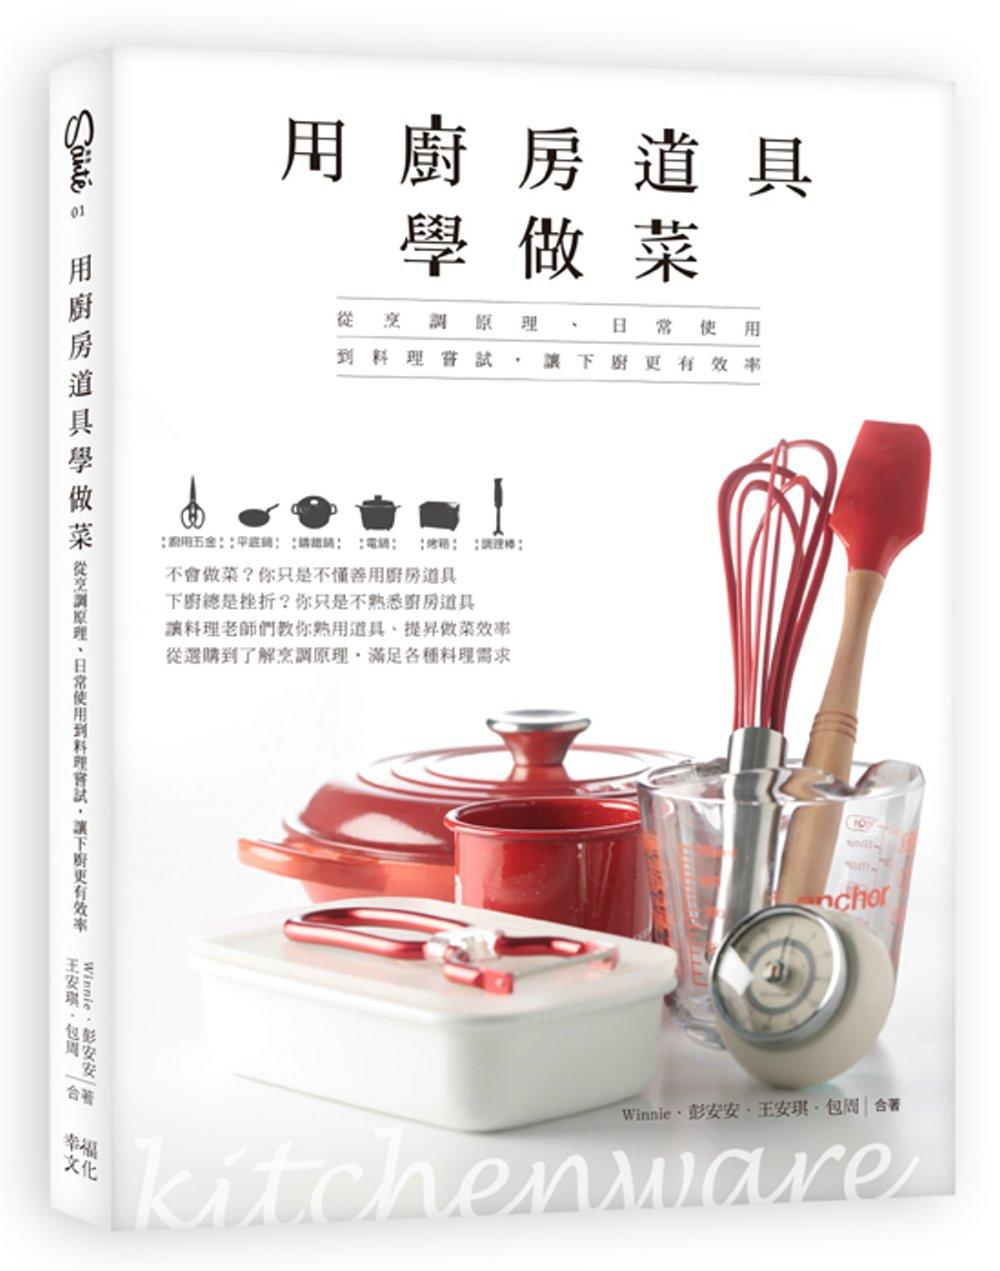 用廚房道具學做菜...